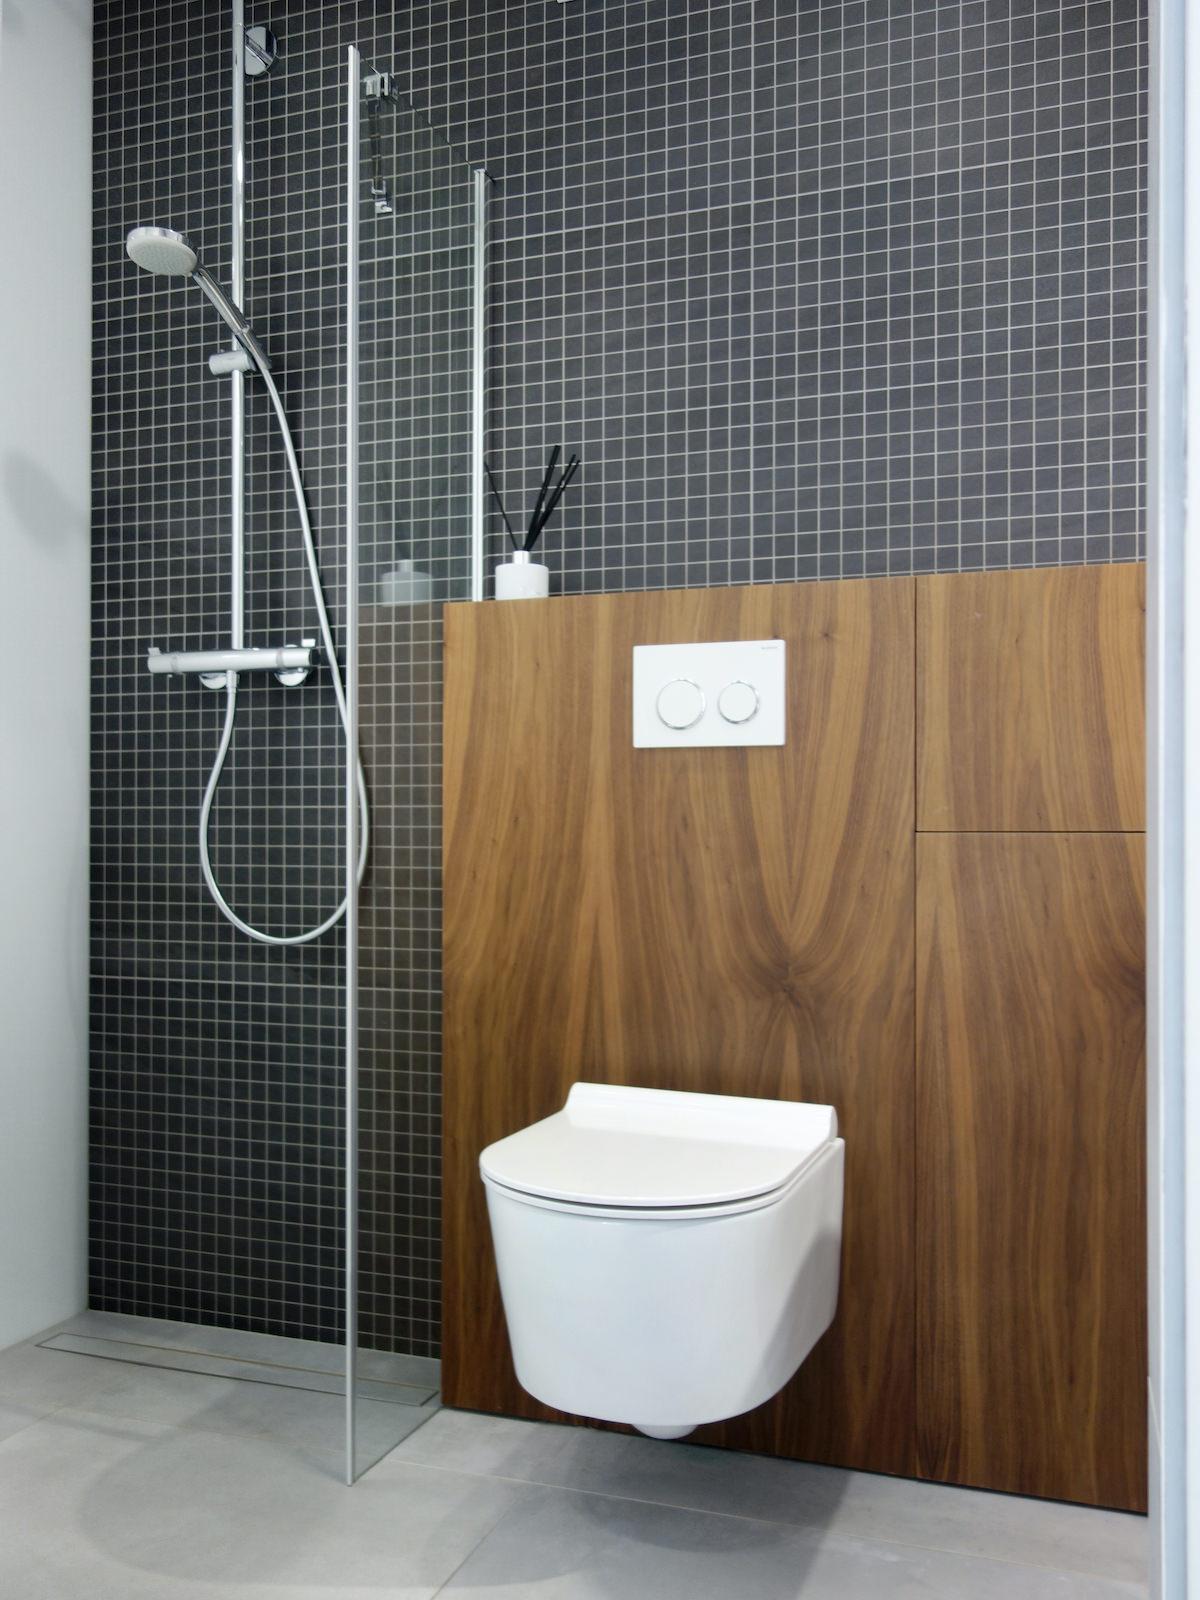 19 projektant wnetrz R056 dom dabrowa gornicza lazienka z prysznicem czarna mozaika zabudowa stelaza plyta meblowa